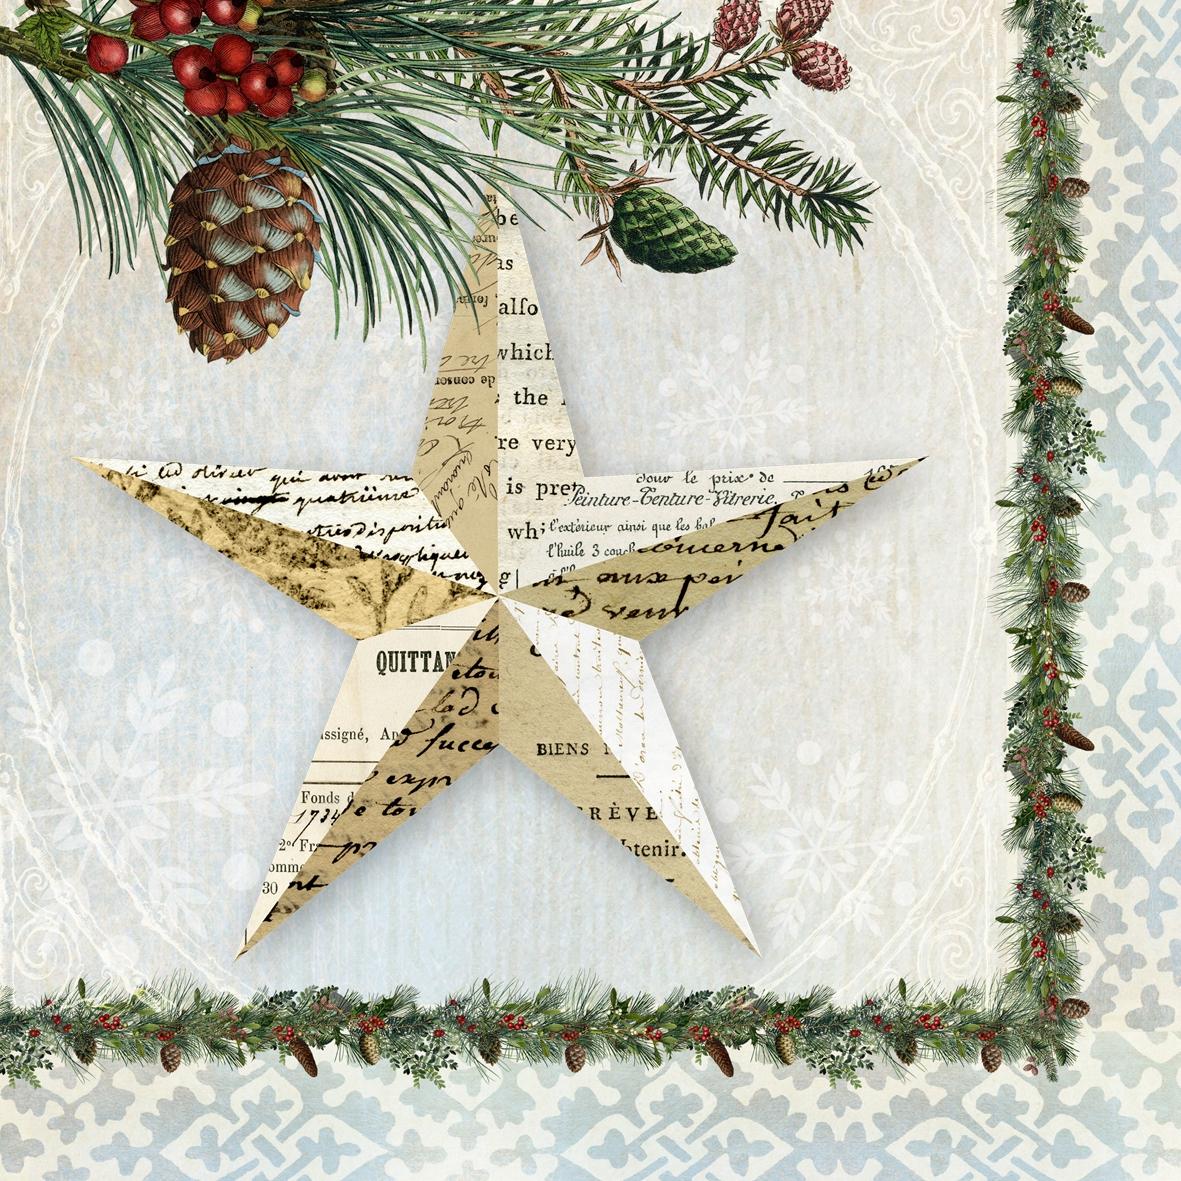 Lunch Servietten Winter Lodge Star,  Früchte - Zapfen,  Weihnachten - Sterne,  Weihnachten,  lunchservietten,  Sterne,  Zapfen